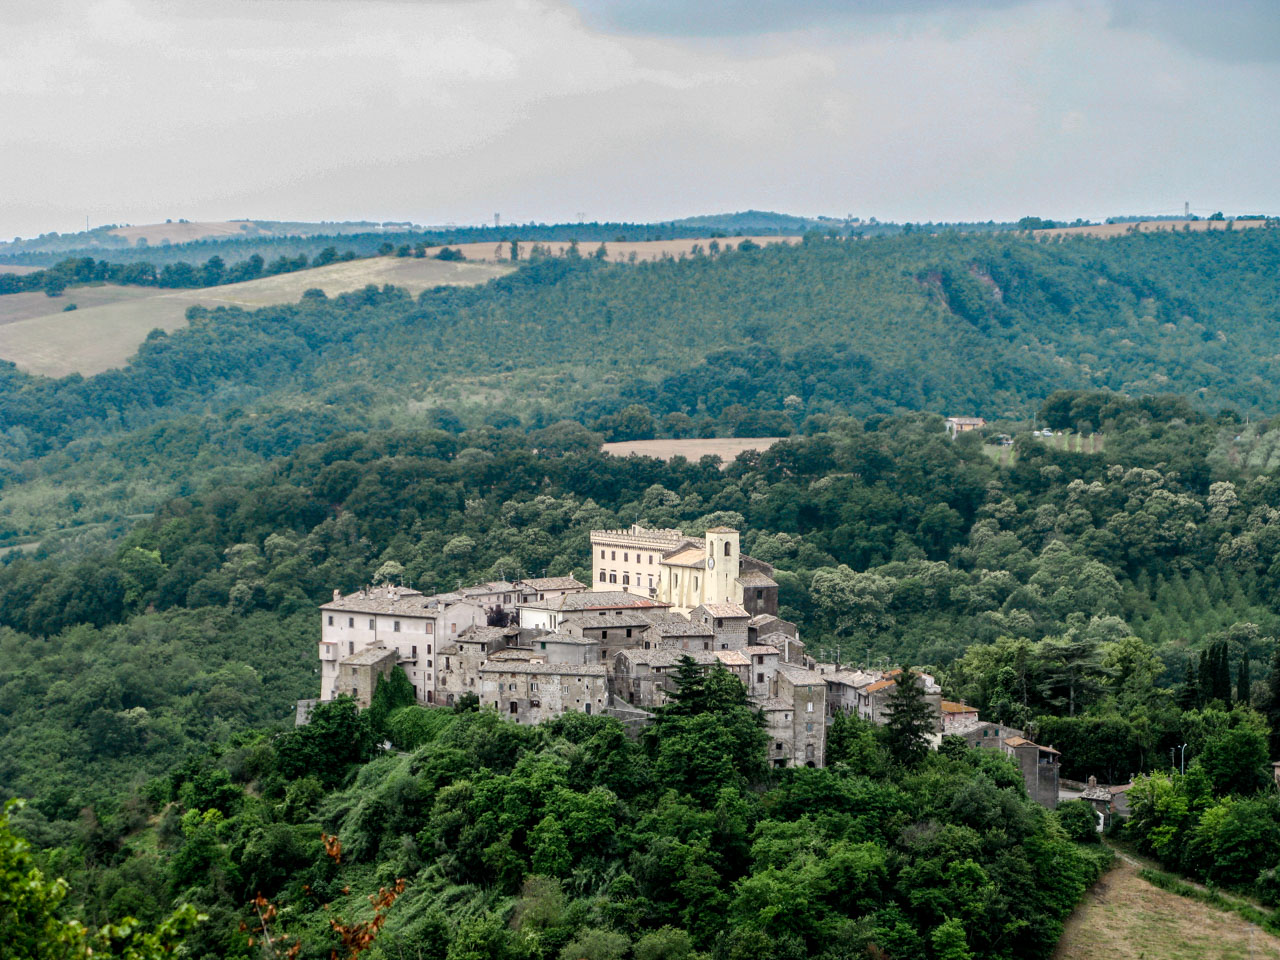 Matrimoni Bassano Romano : Dimore storiche ville e castelli a bassano romano sconti fino a